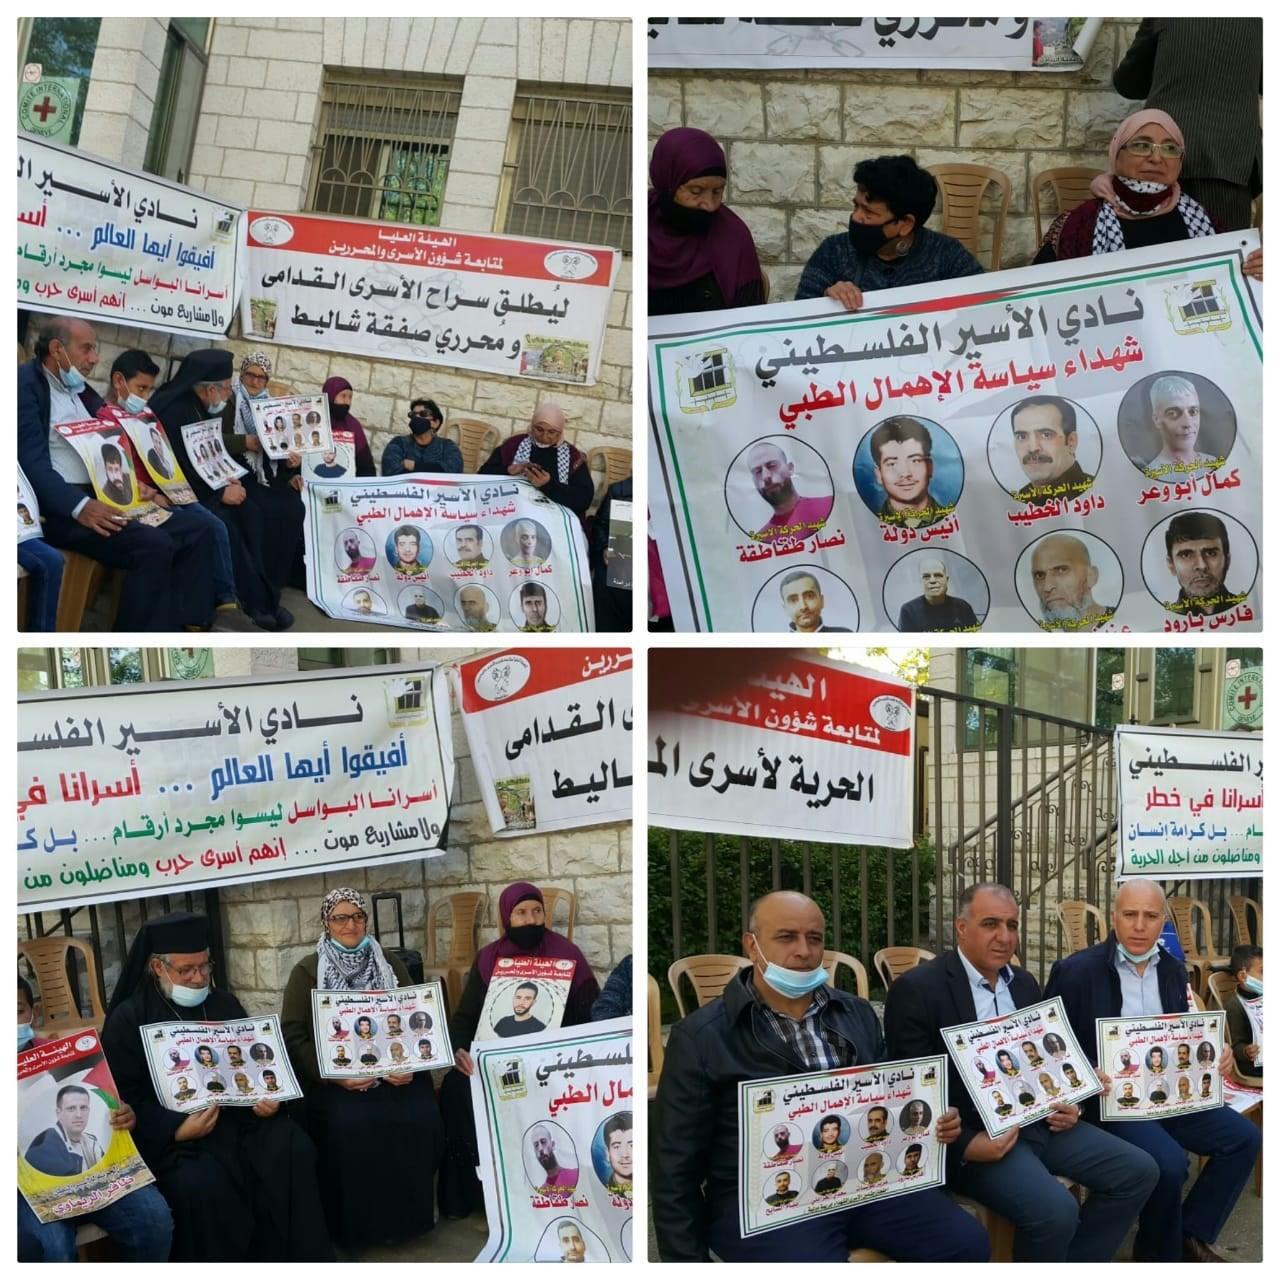 إطلاق حملة وطنية لاسترداد جثامين الأسرى الشهداء المحتجزة لدى سلطات الاحتلال